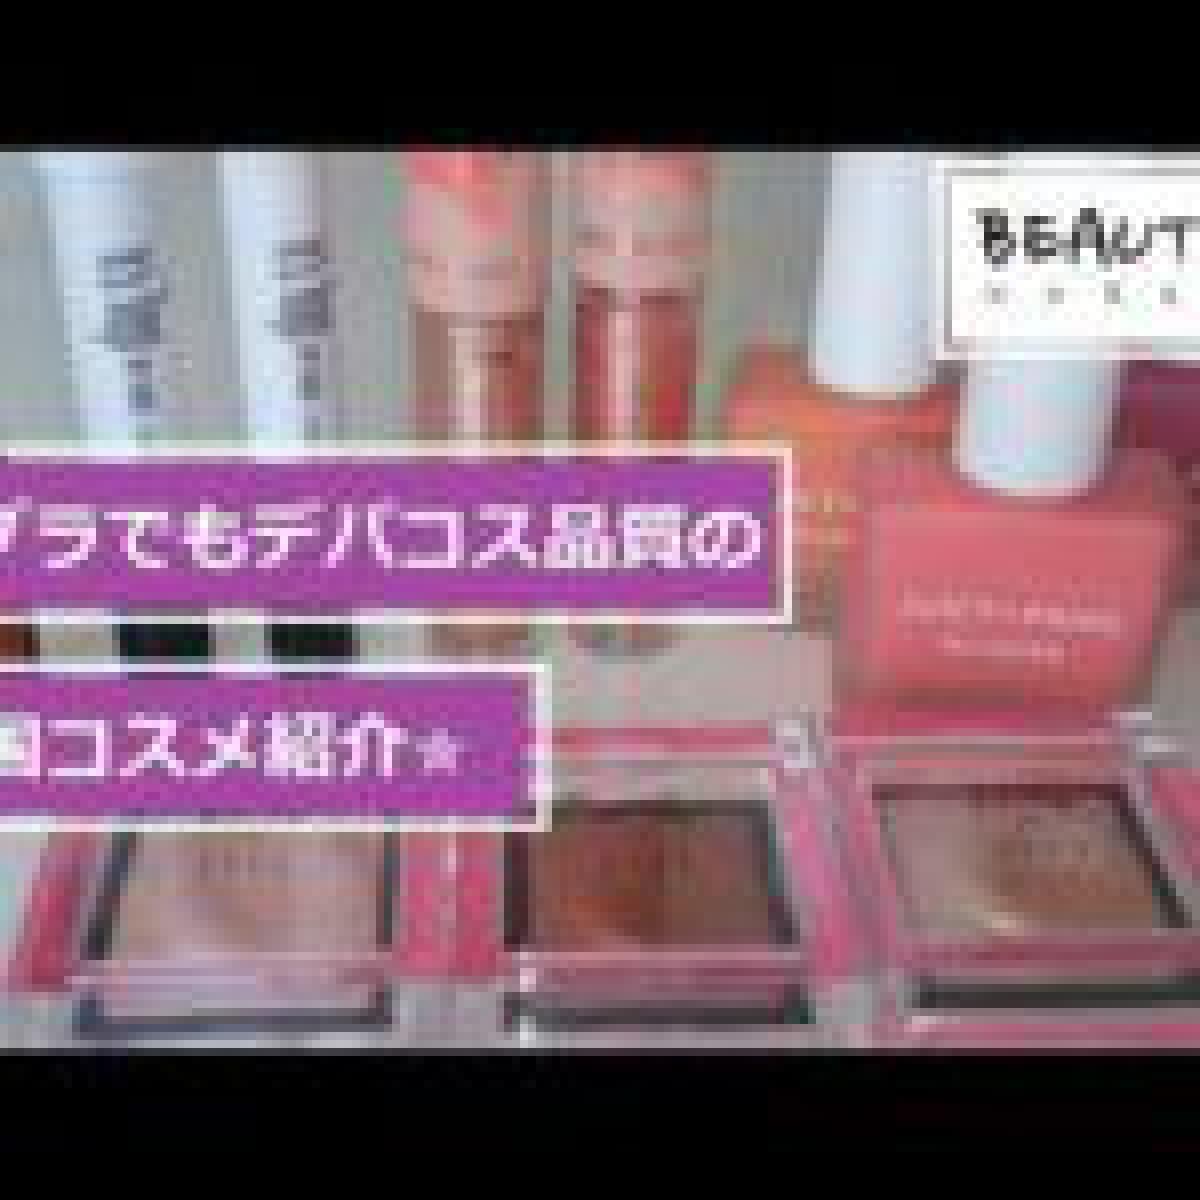 韓国コスメ♥BEAUTY KOREA♥プチプラでも品質はデパコス並み♥あのブランドと同じ製造元&イタリア製コスメ♥